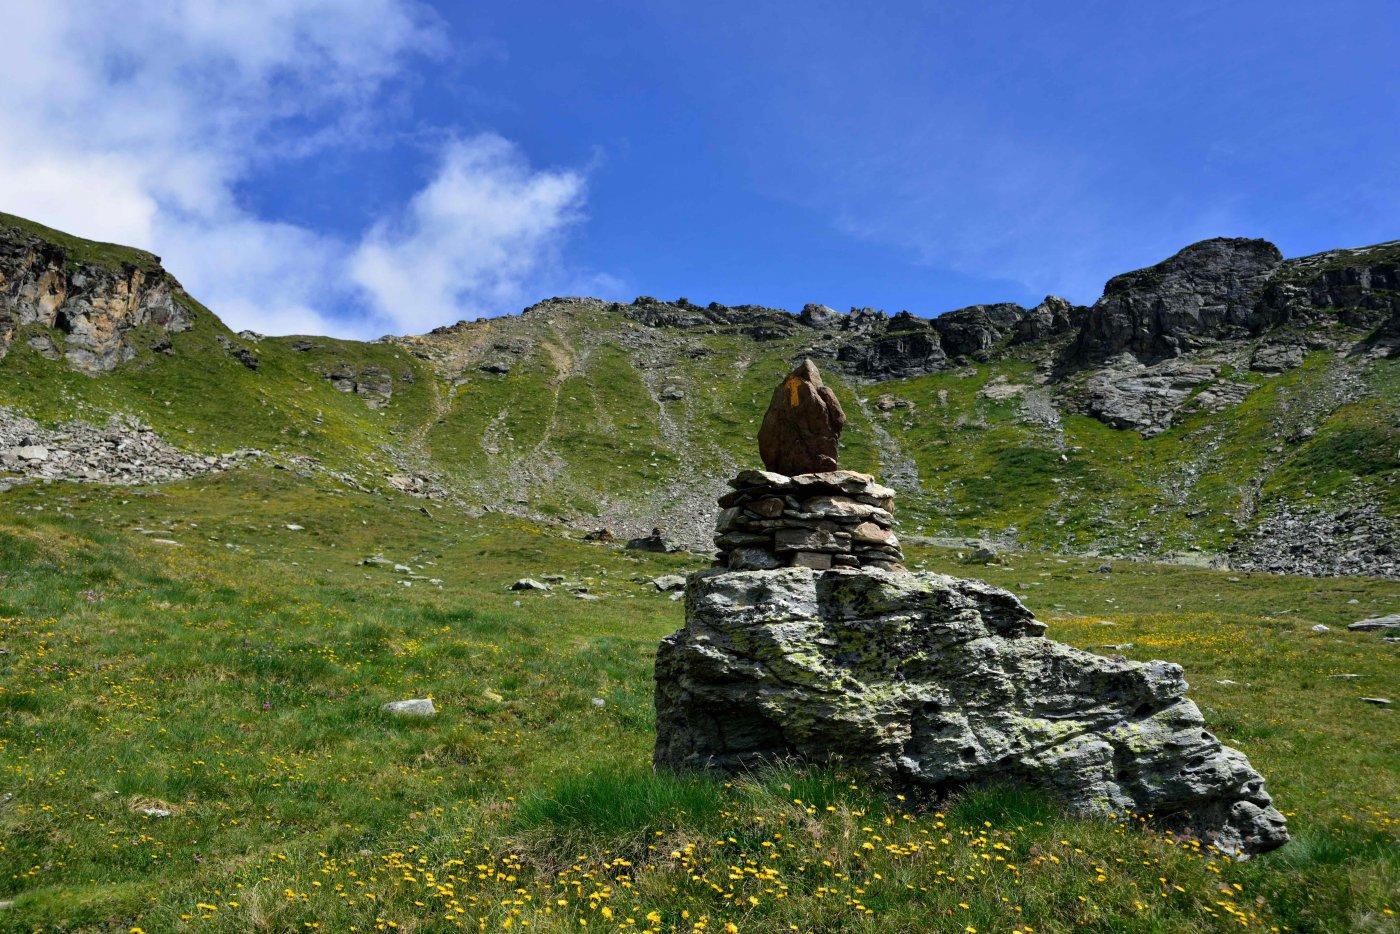 Il versante sud della Punta Valnera. A sin. il colletto 2681 m.